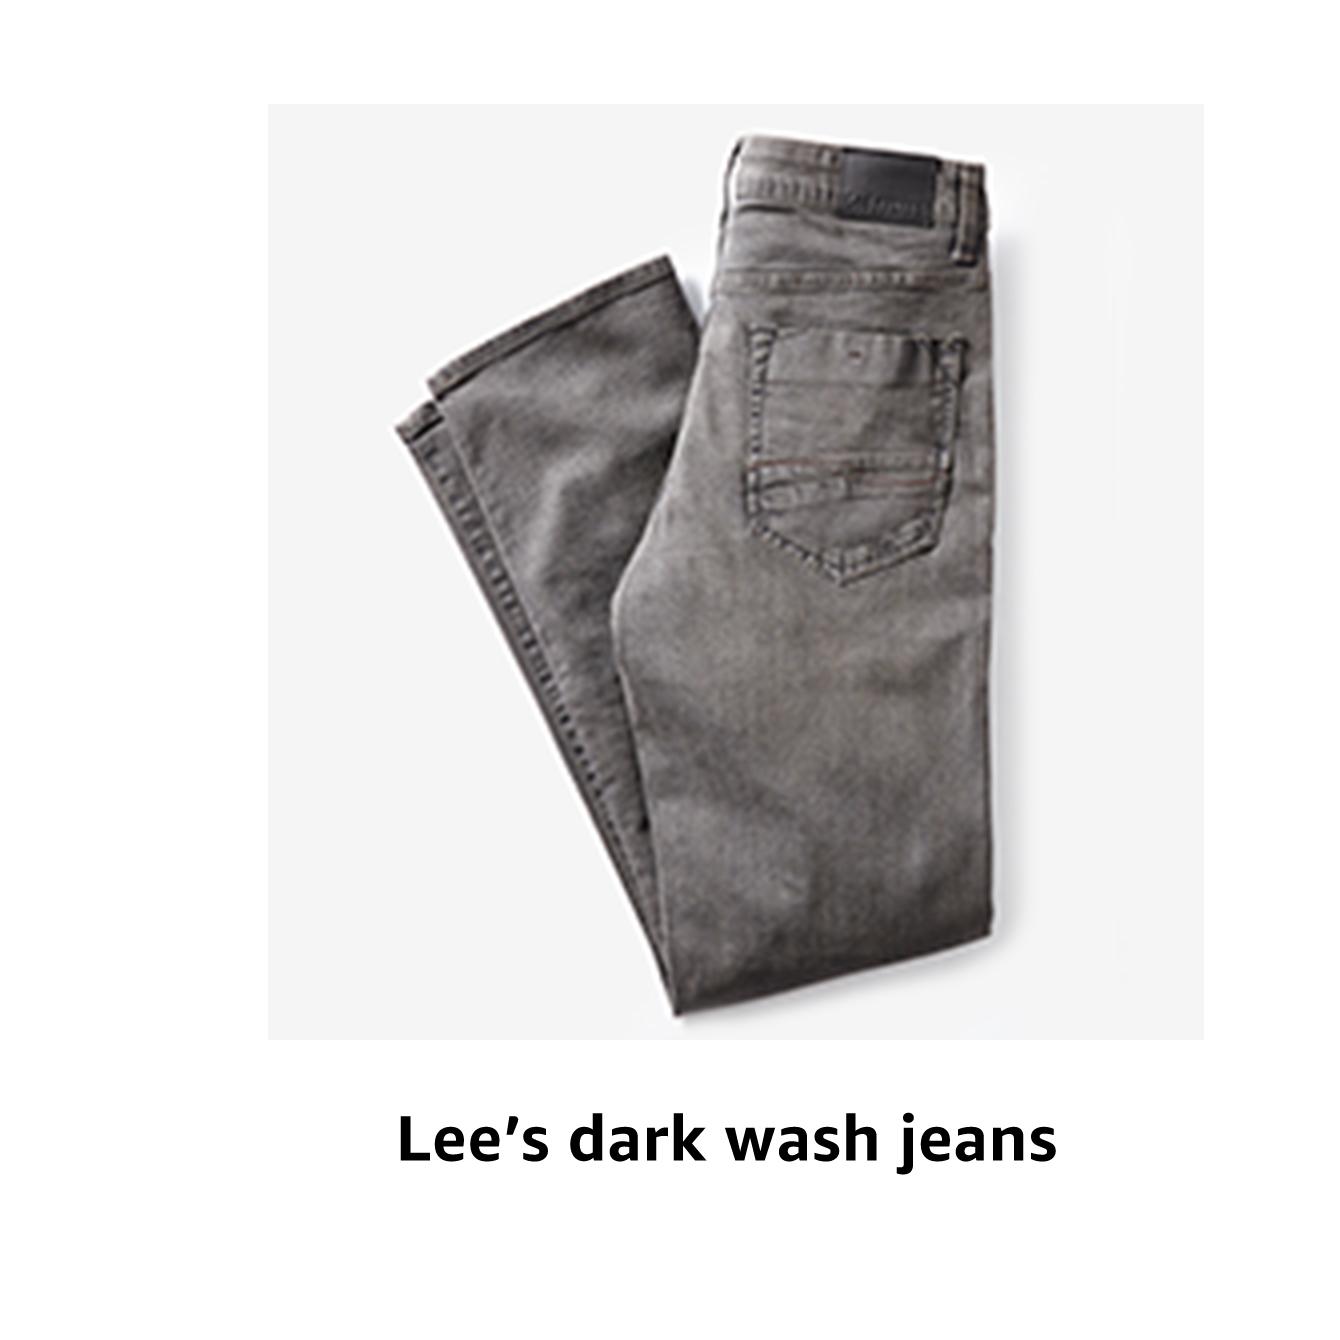 Lee's dark wash jeans